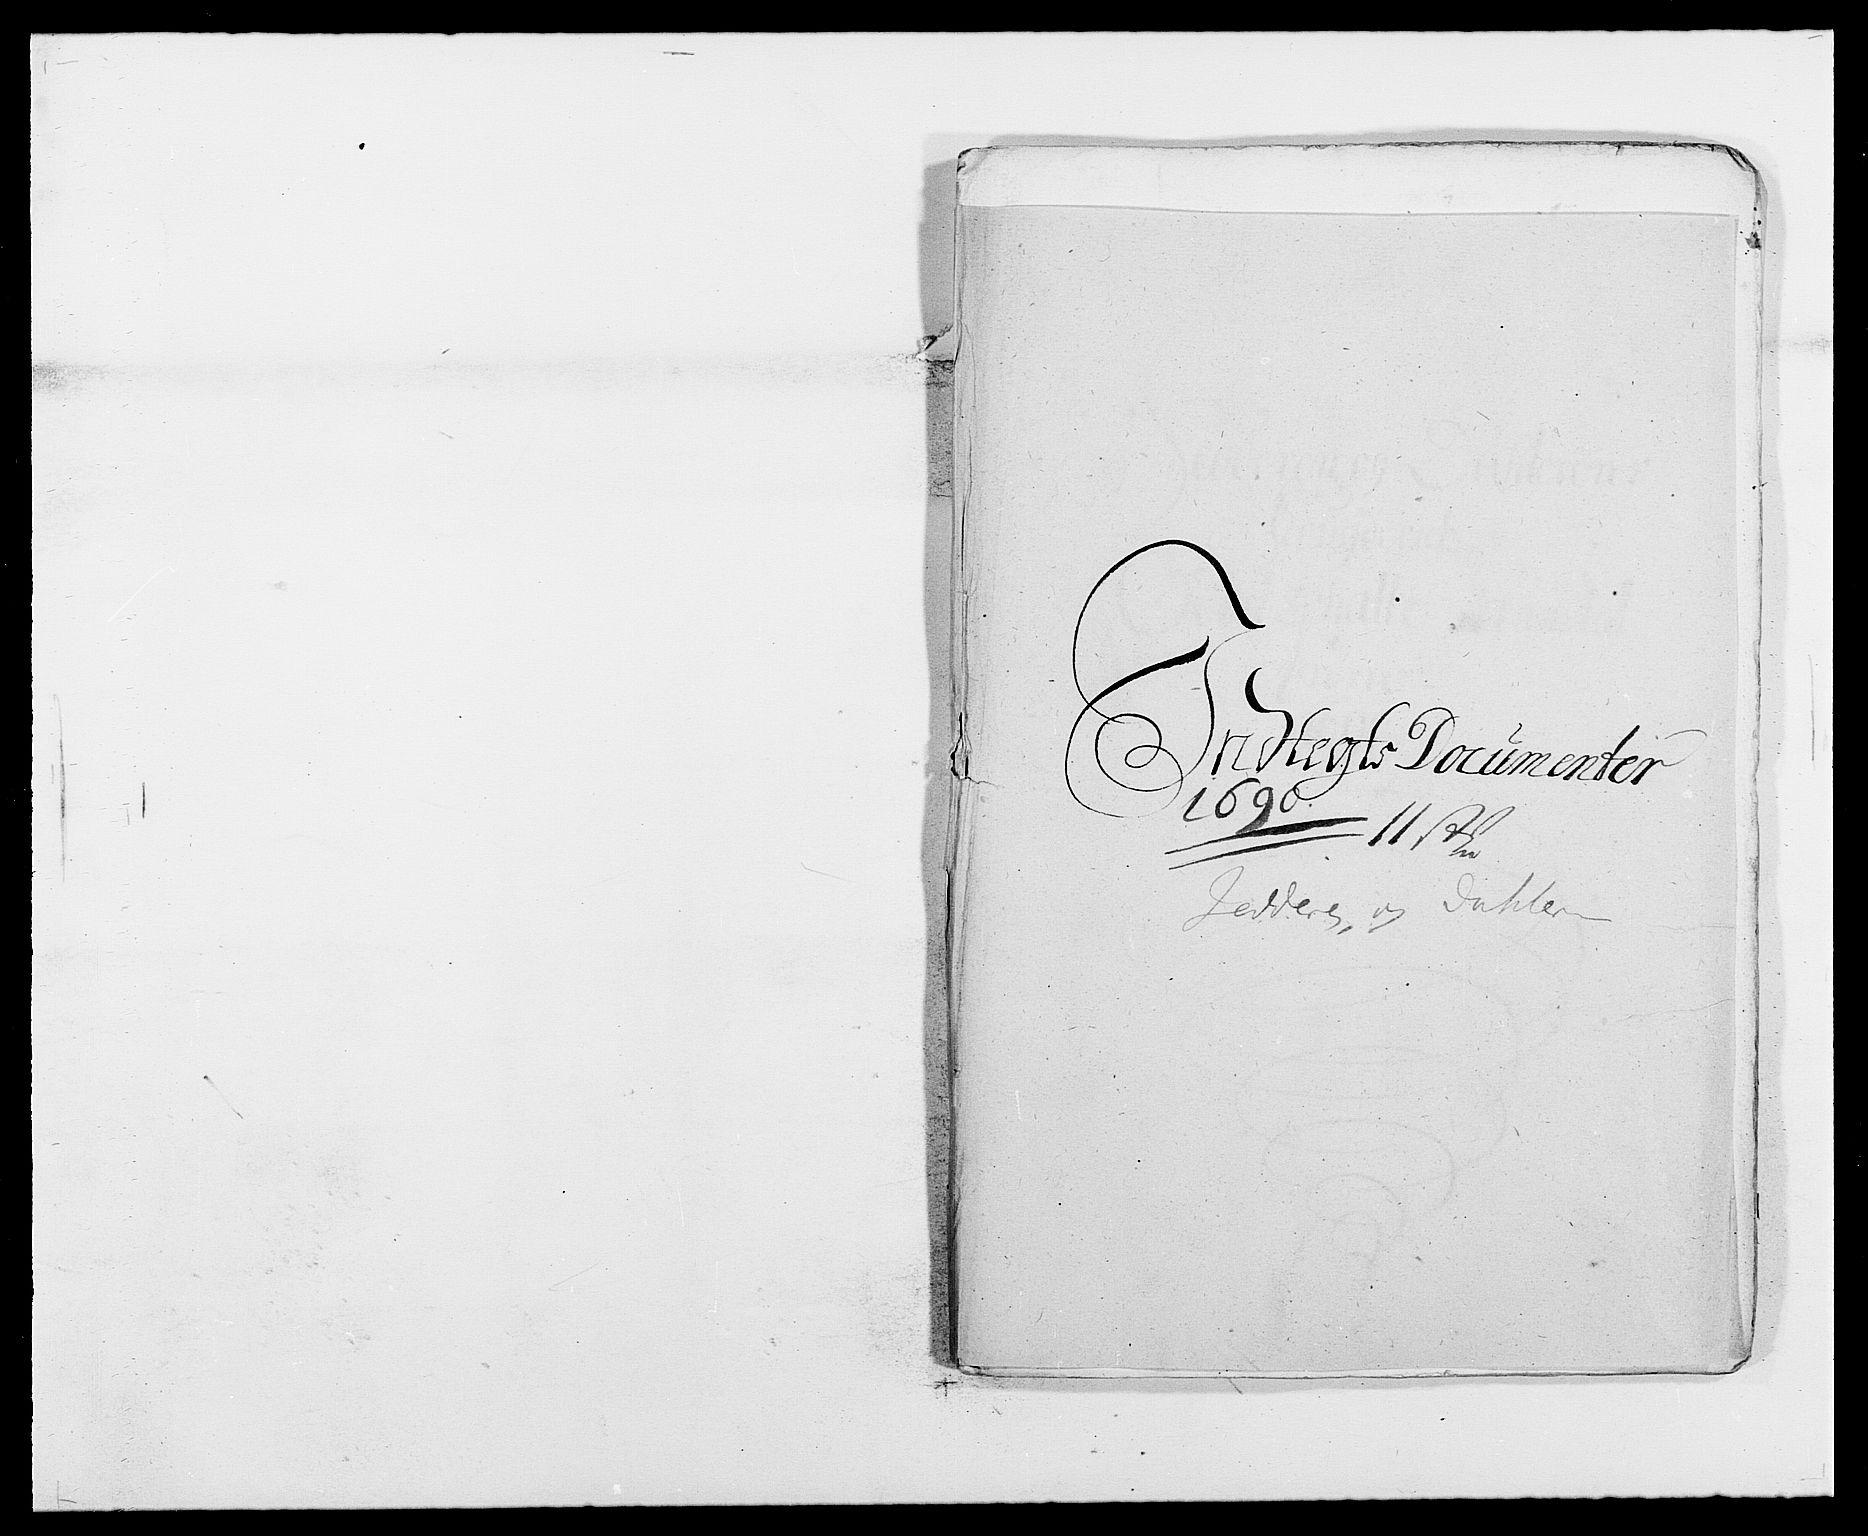 RA, Rentekammeret inntil 1814, Reviderte regnskaper, Fogderegnskap, R46/L2727: Fogderegnskap Jæren og Dalane, 1690-1693, s. 10